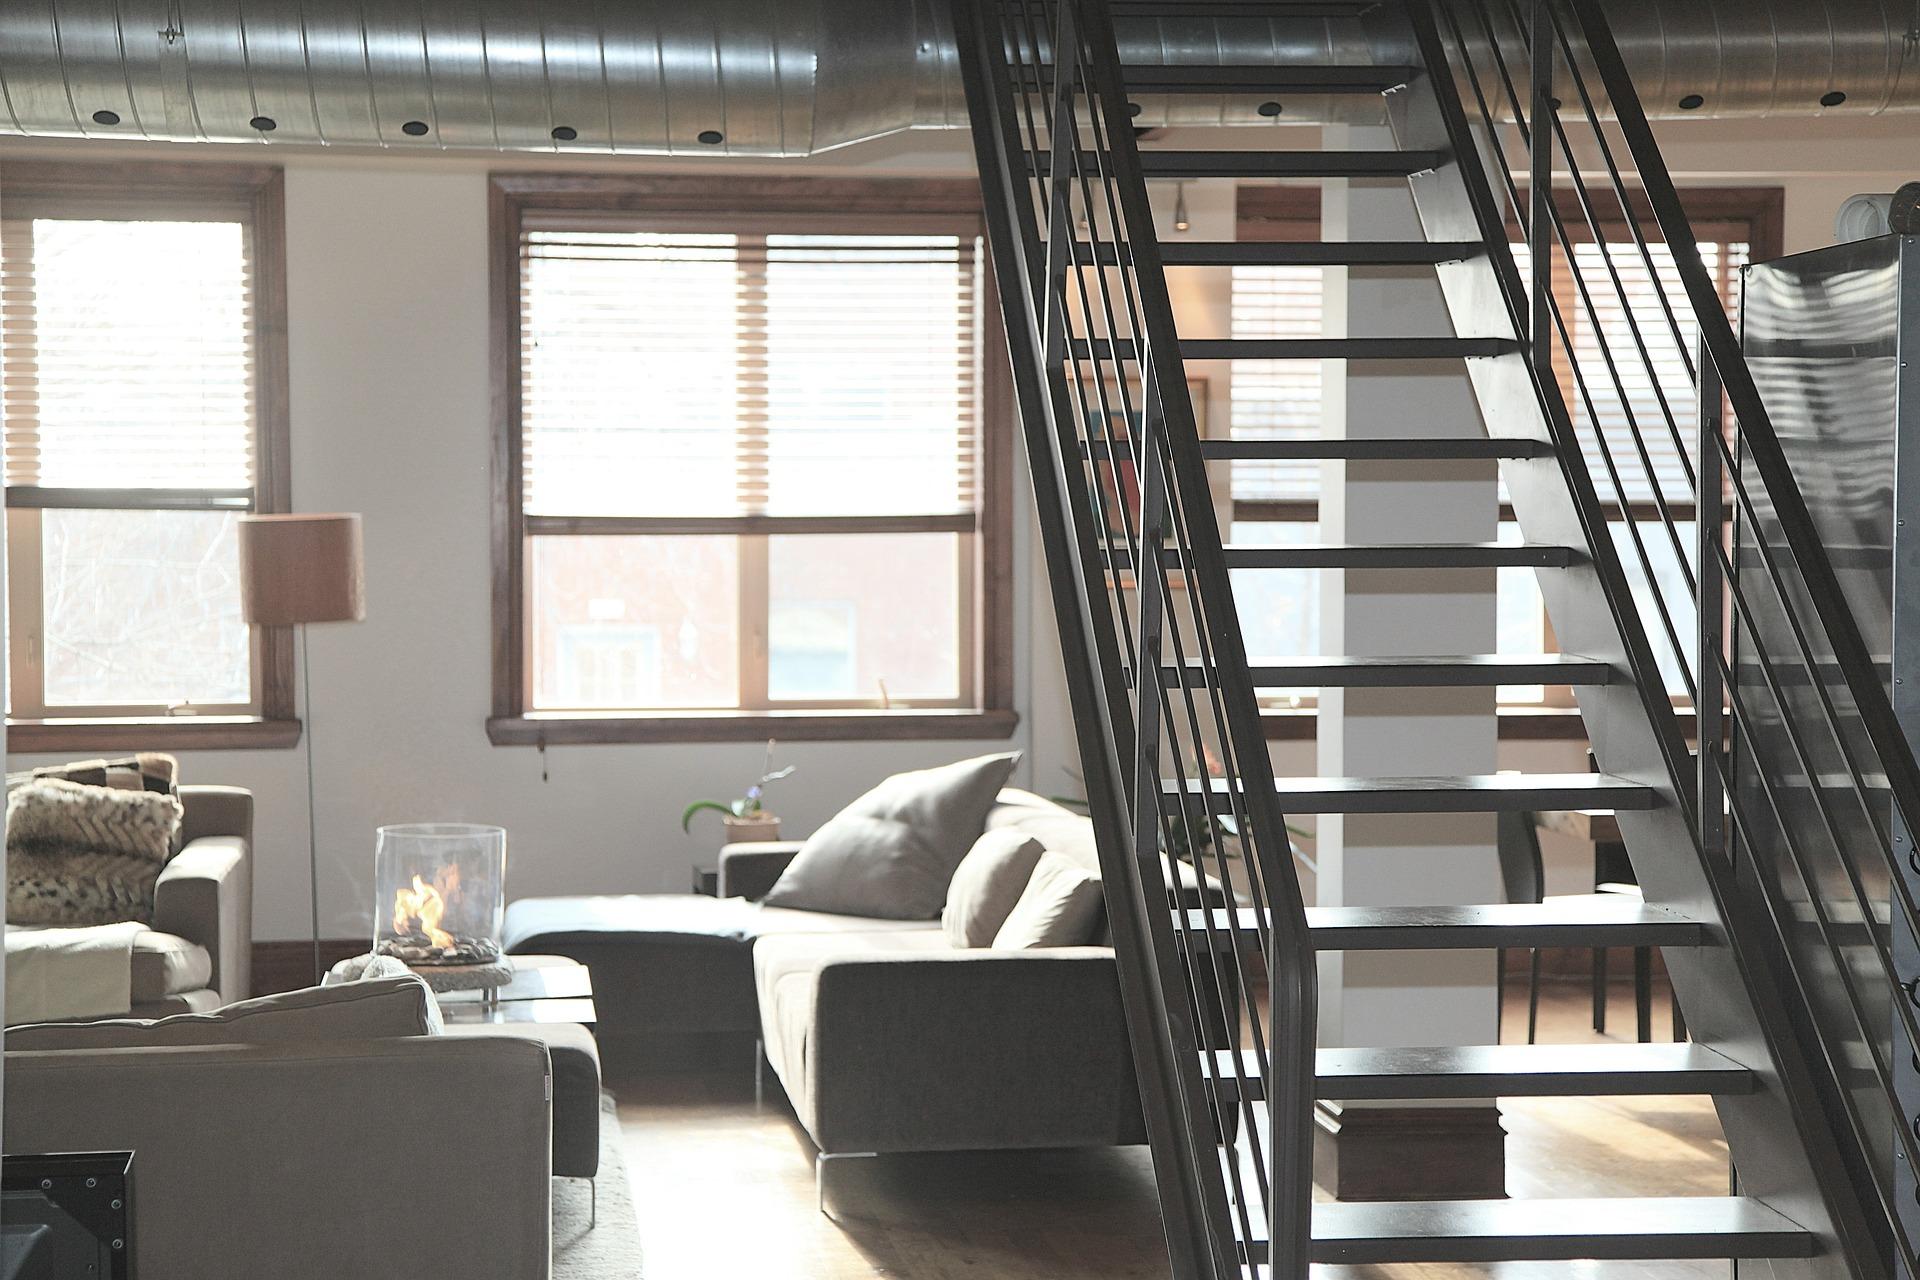 apartment-406901_1920